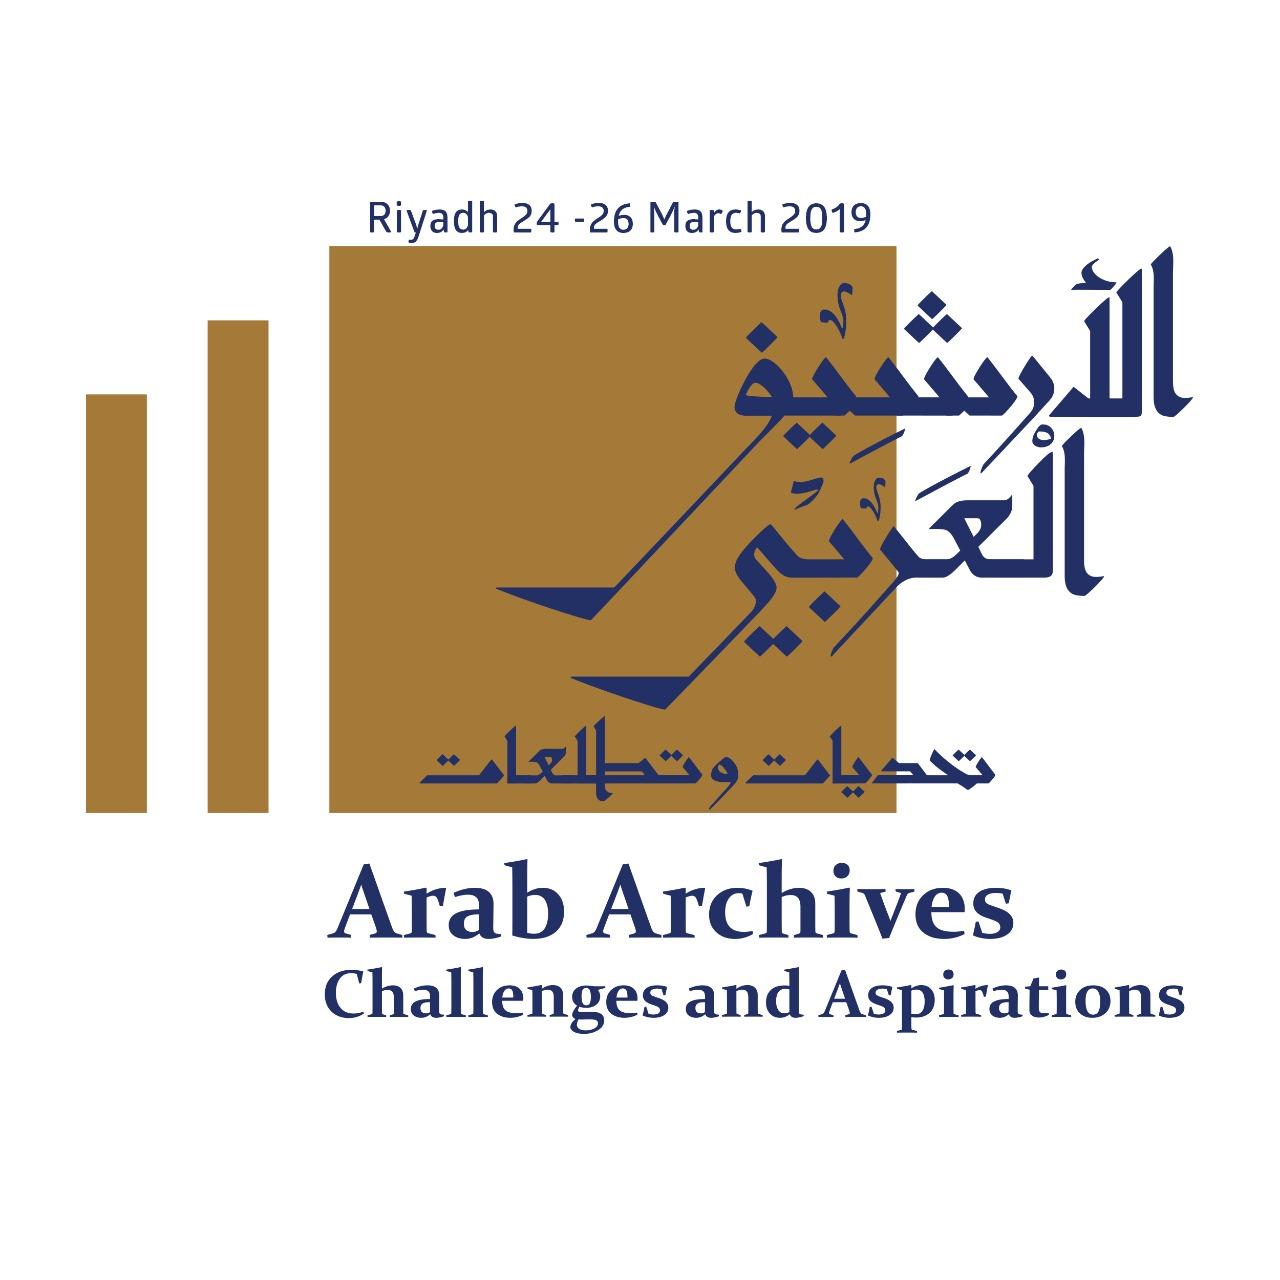 إطلاق موقع إلكتروني لمؤتمر دور الأرشيفات العربية في دعم مجتمع المعرفة العربي